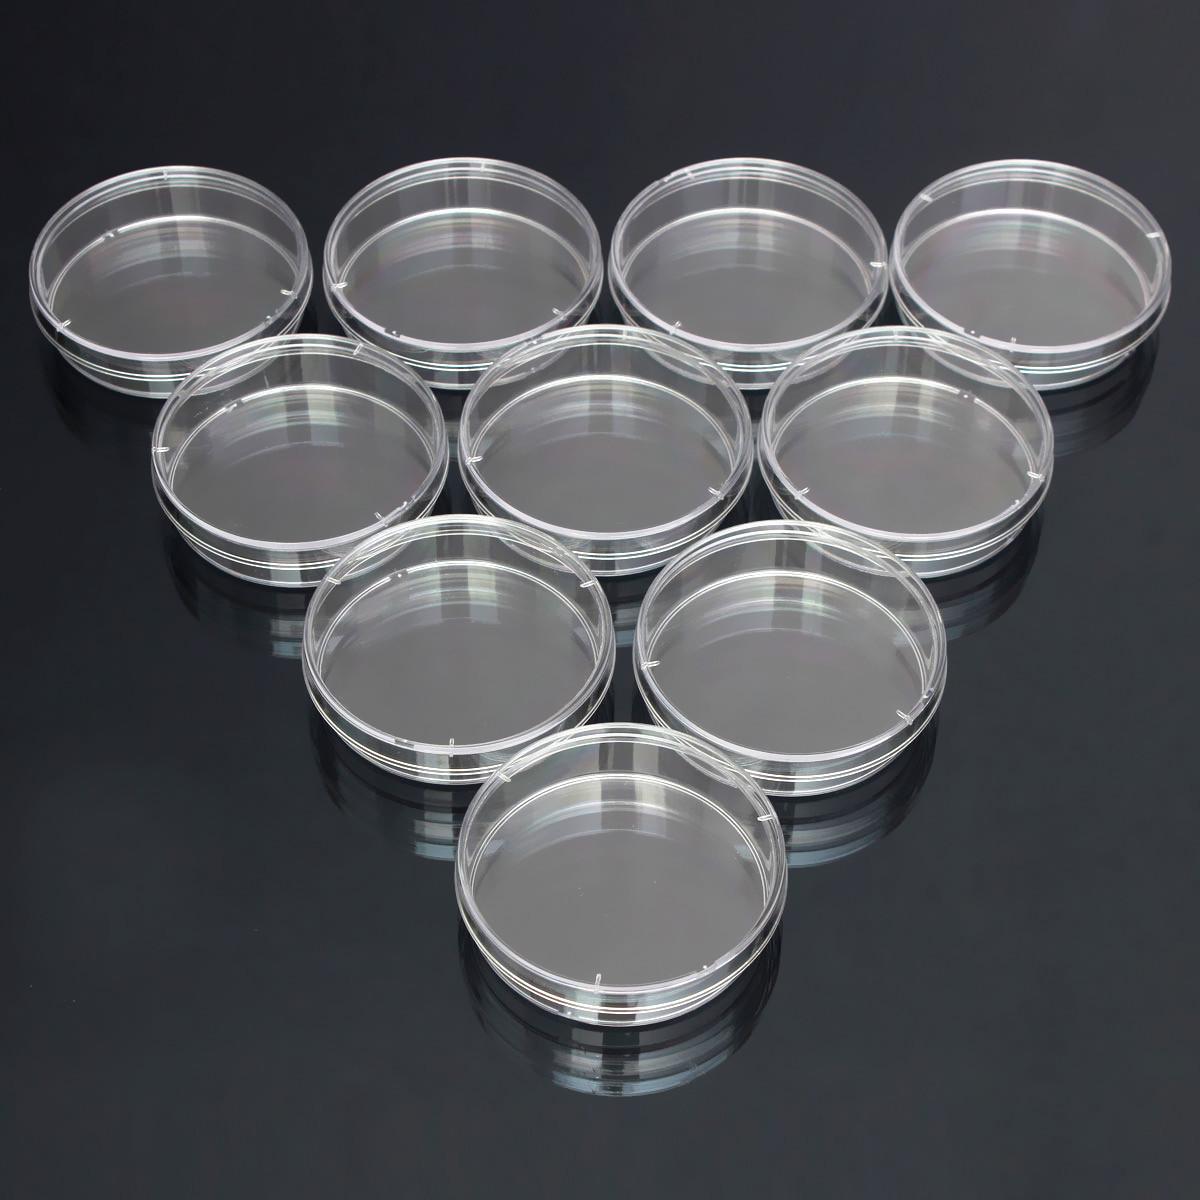 10 pcs 55mmx15 mm Bacteria Culture Dish Disposable ...